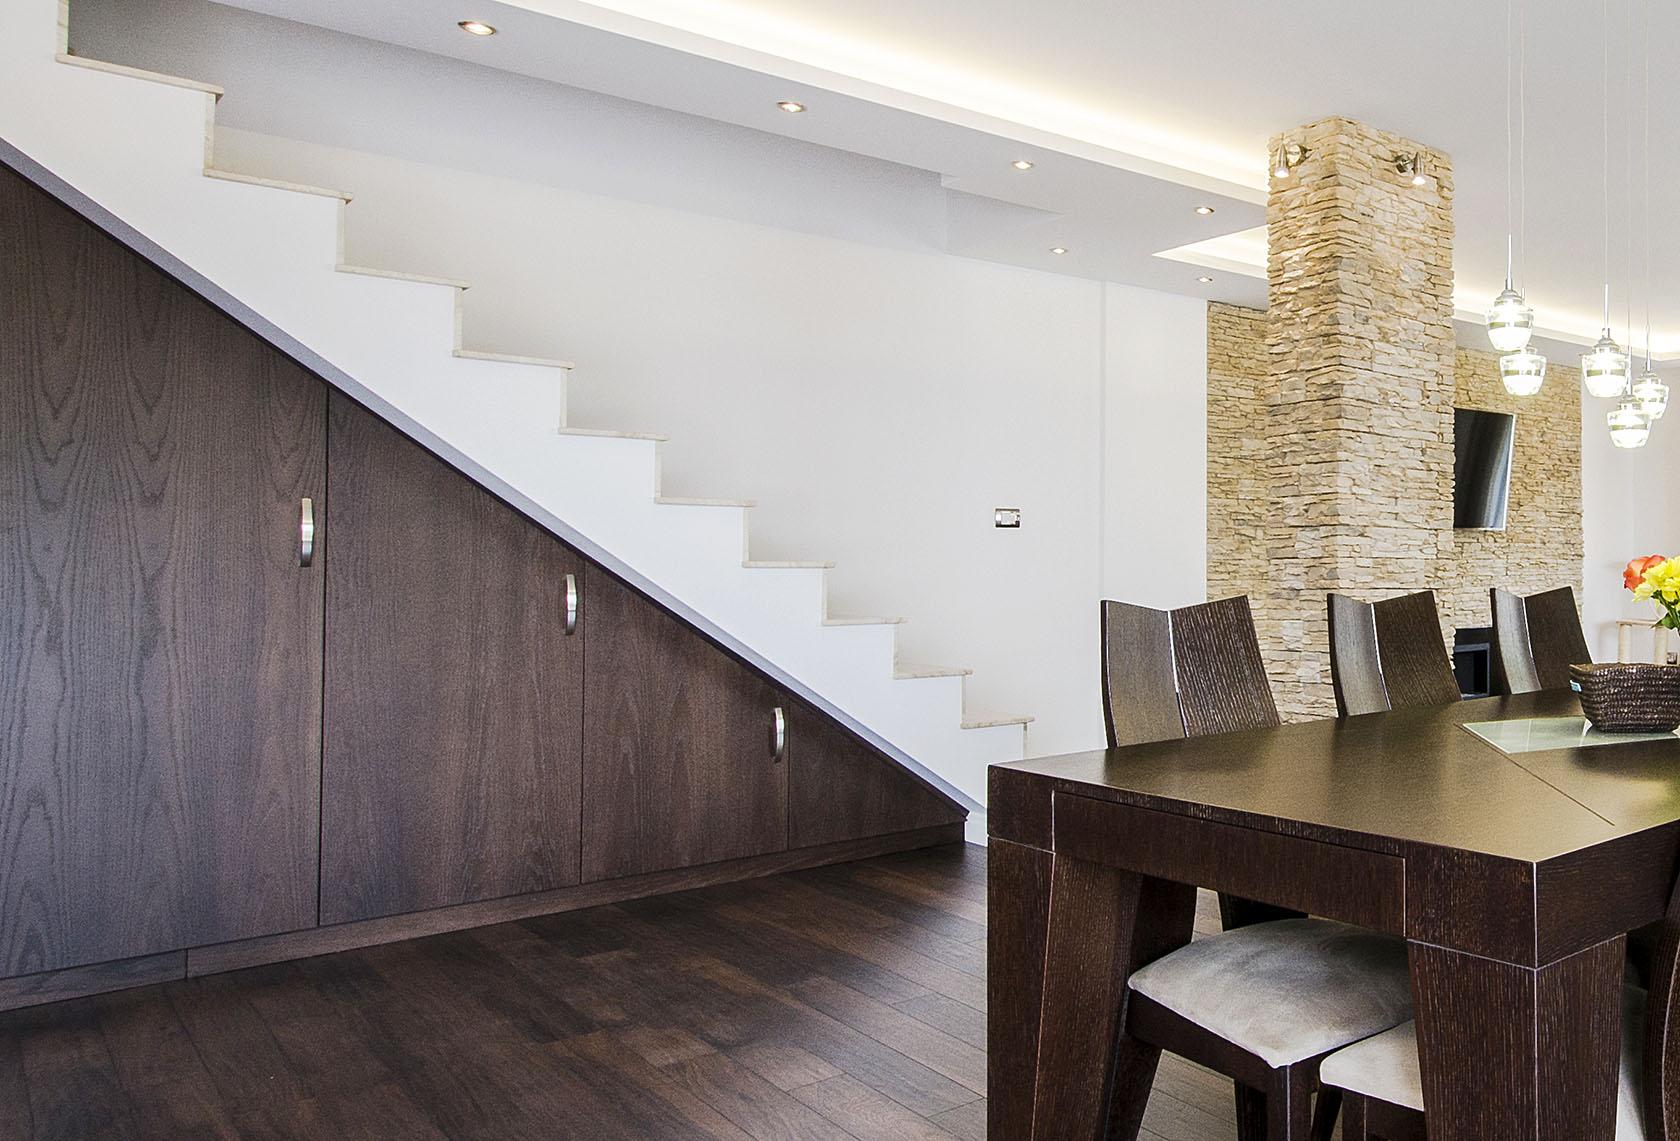 Exquisit Schrank Unter Treppe Kaufen Dekoration Von Schrank-unter-treppe-tischlerei-schreinerei-treppenschrank